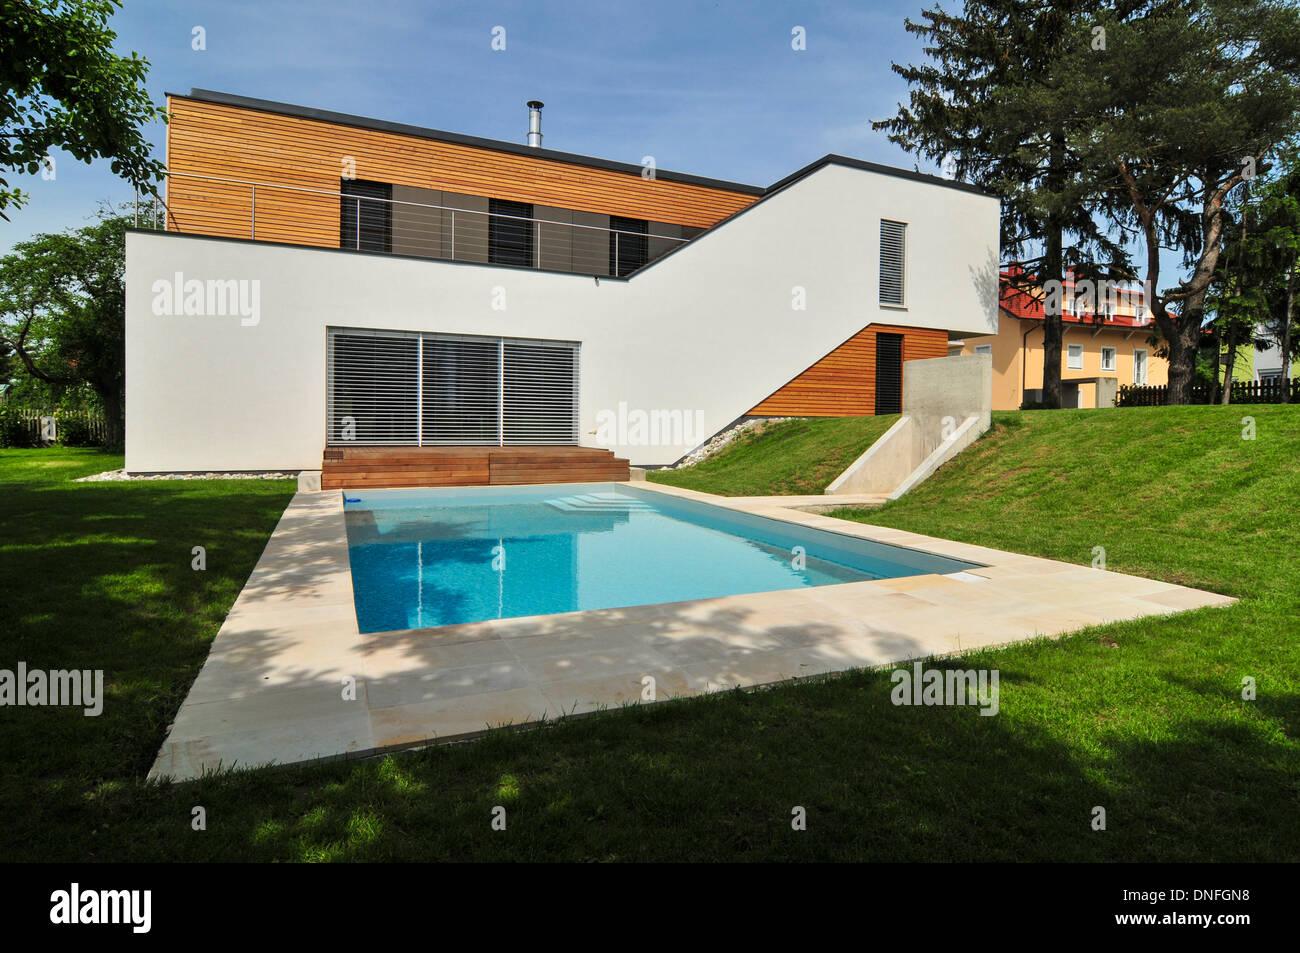 Wohnhaus Familie roppmann, infamilienhaus, Haas rchitektur ... size: 1300 x 953 post ID: 8 File size: 0 B